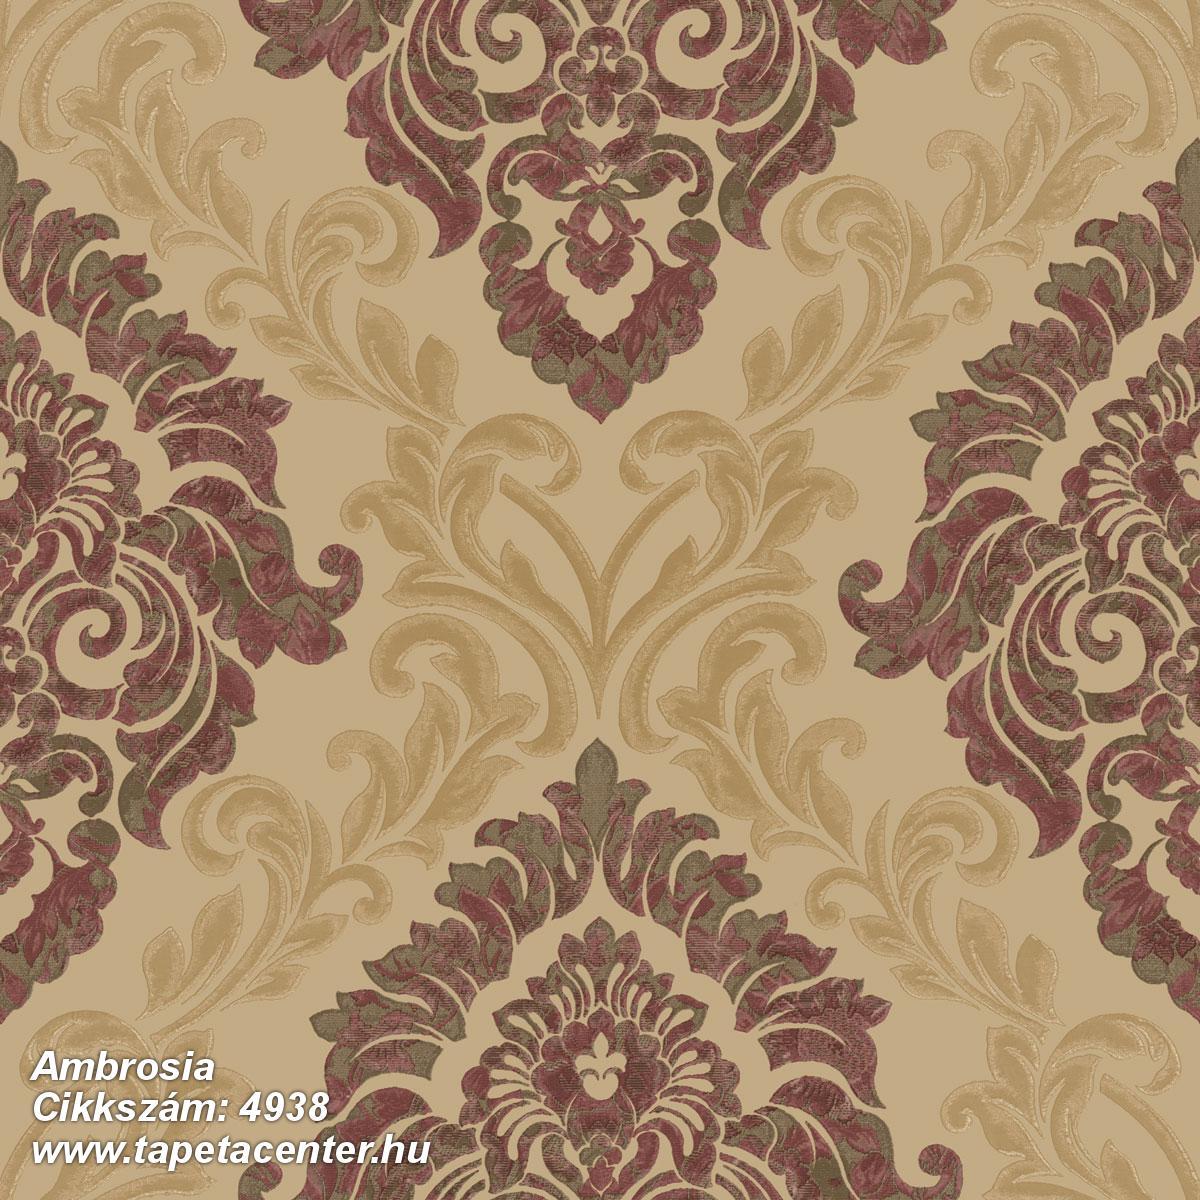 Ambrosia - 4938 Olasz tapéta